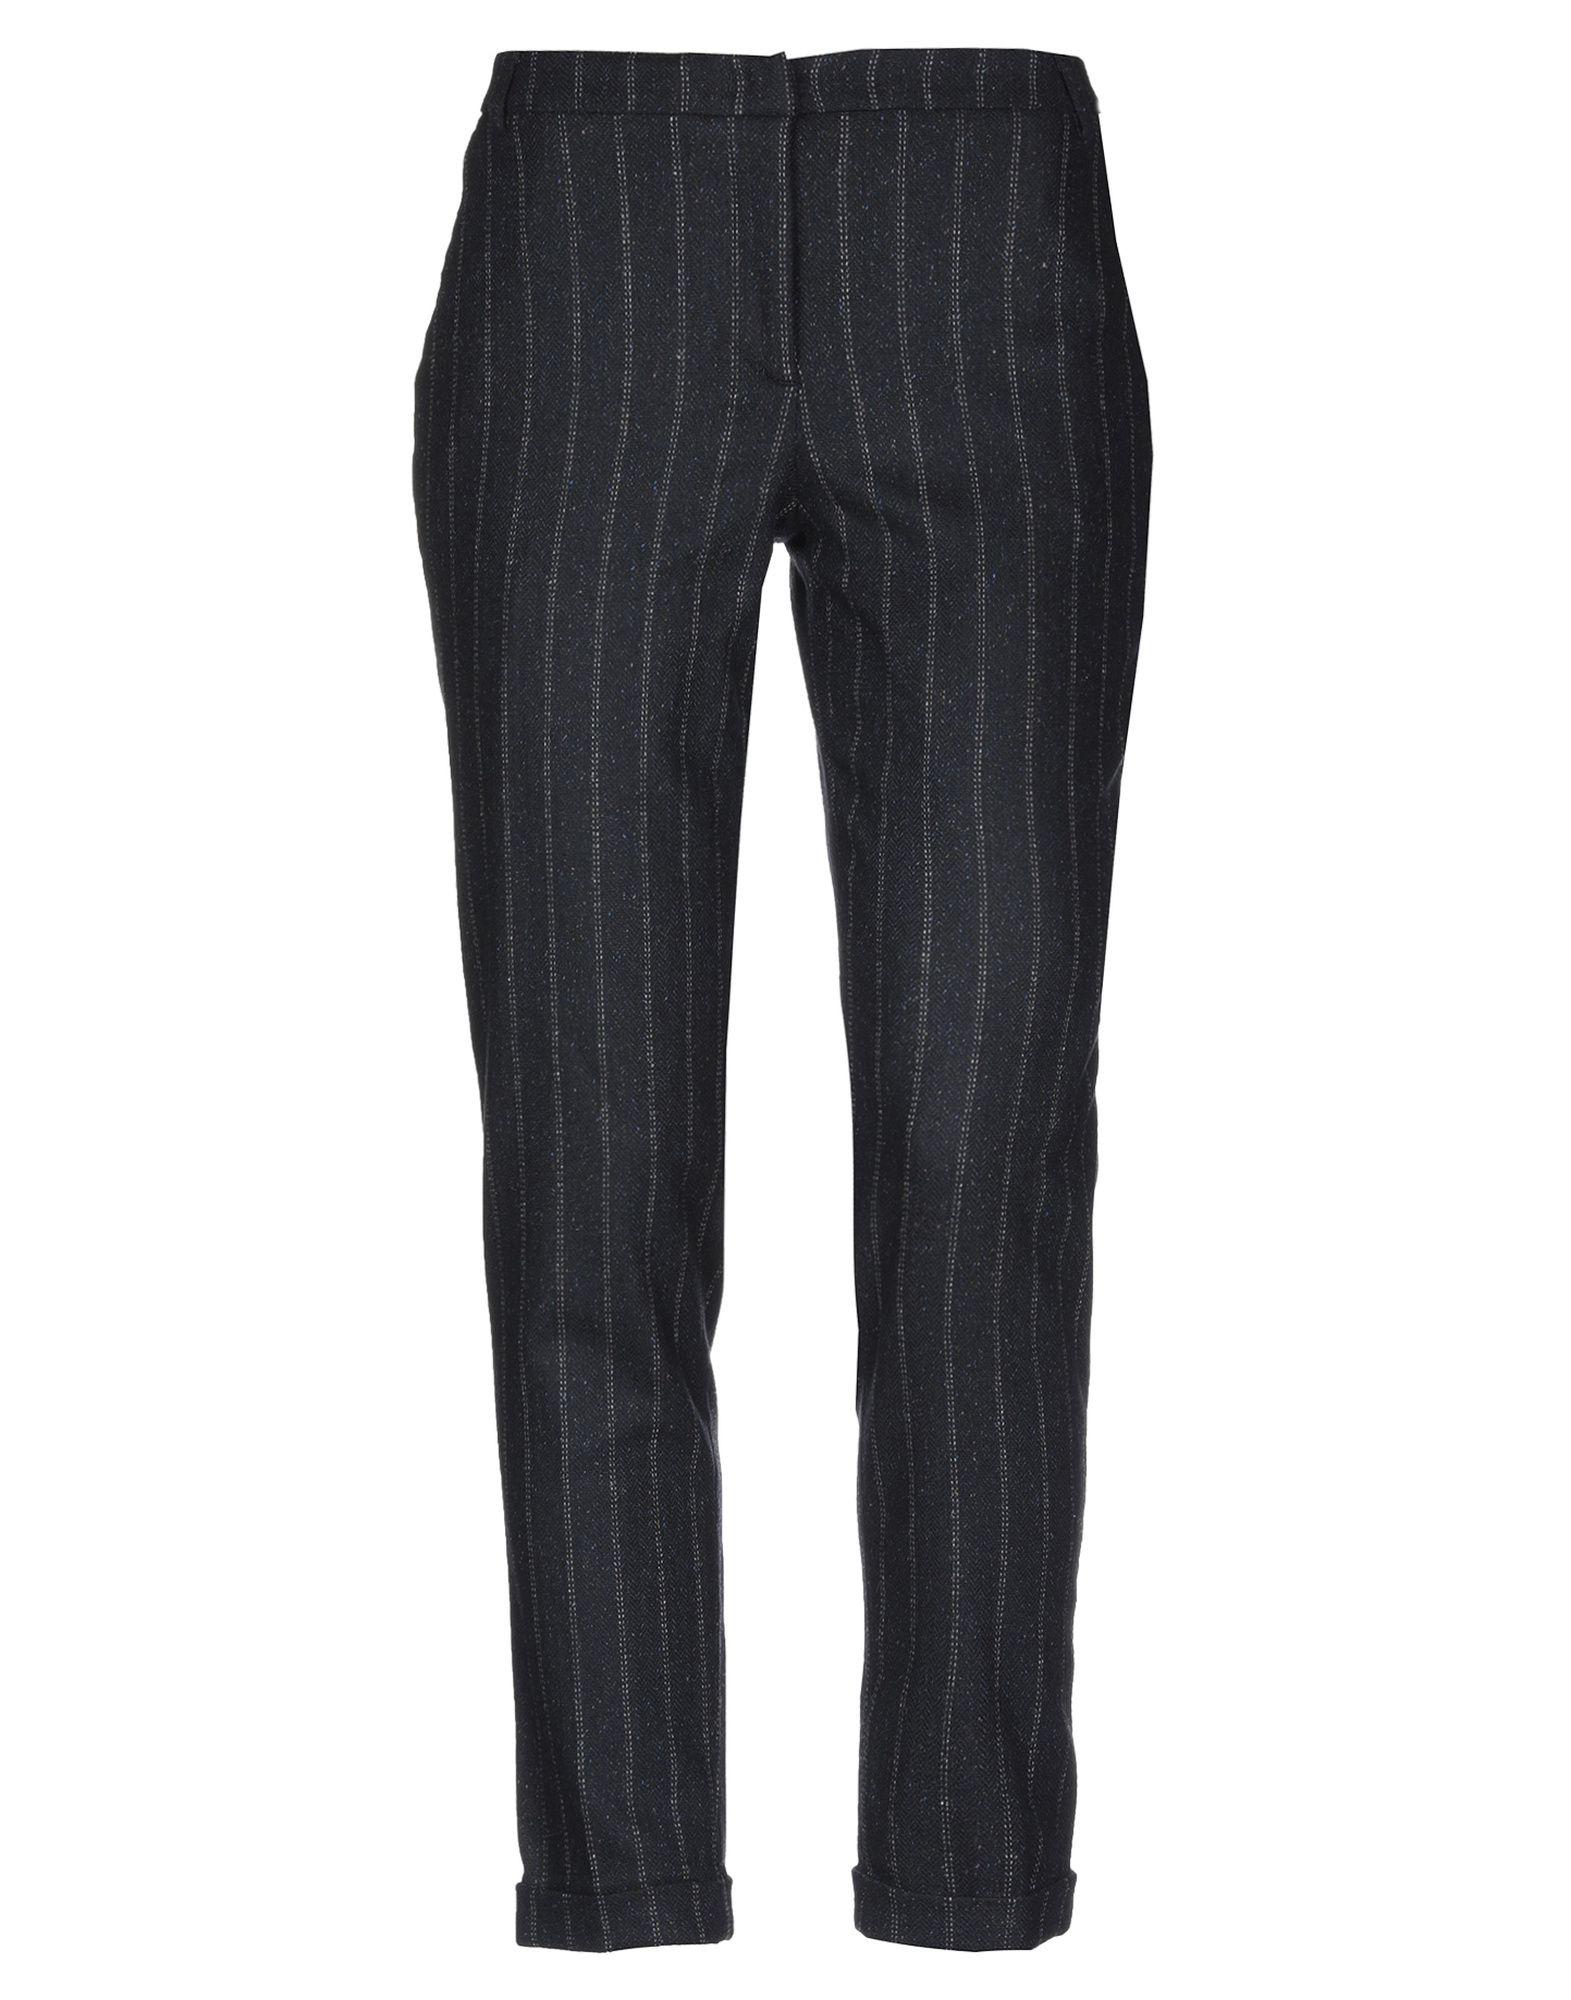 Pantalone Trussardi Jeans damen - 13316160OP